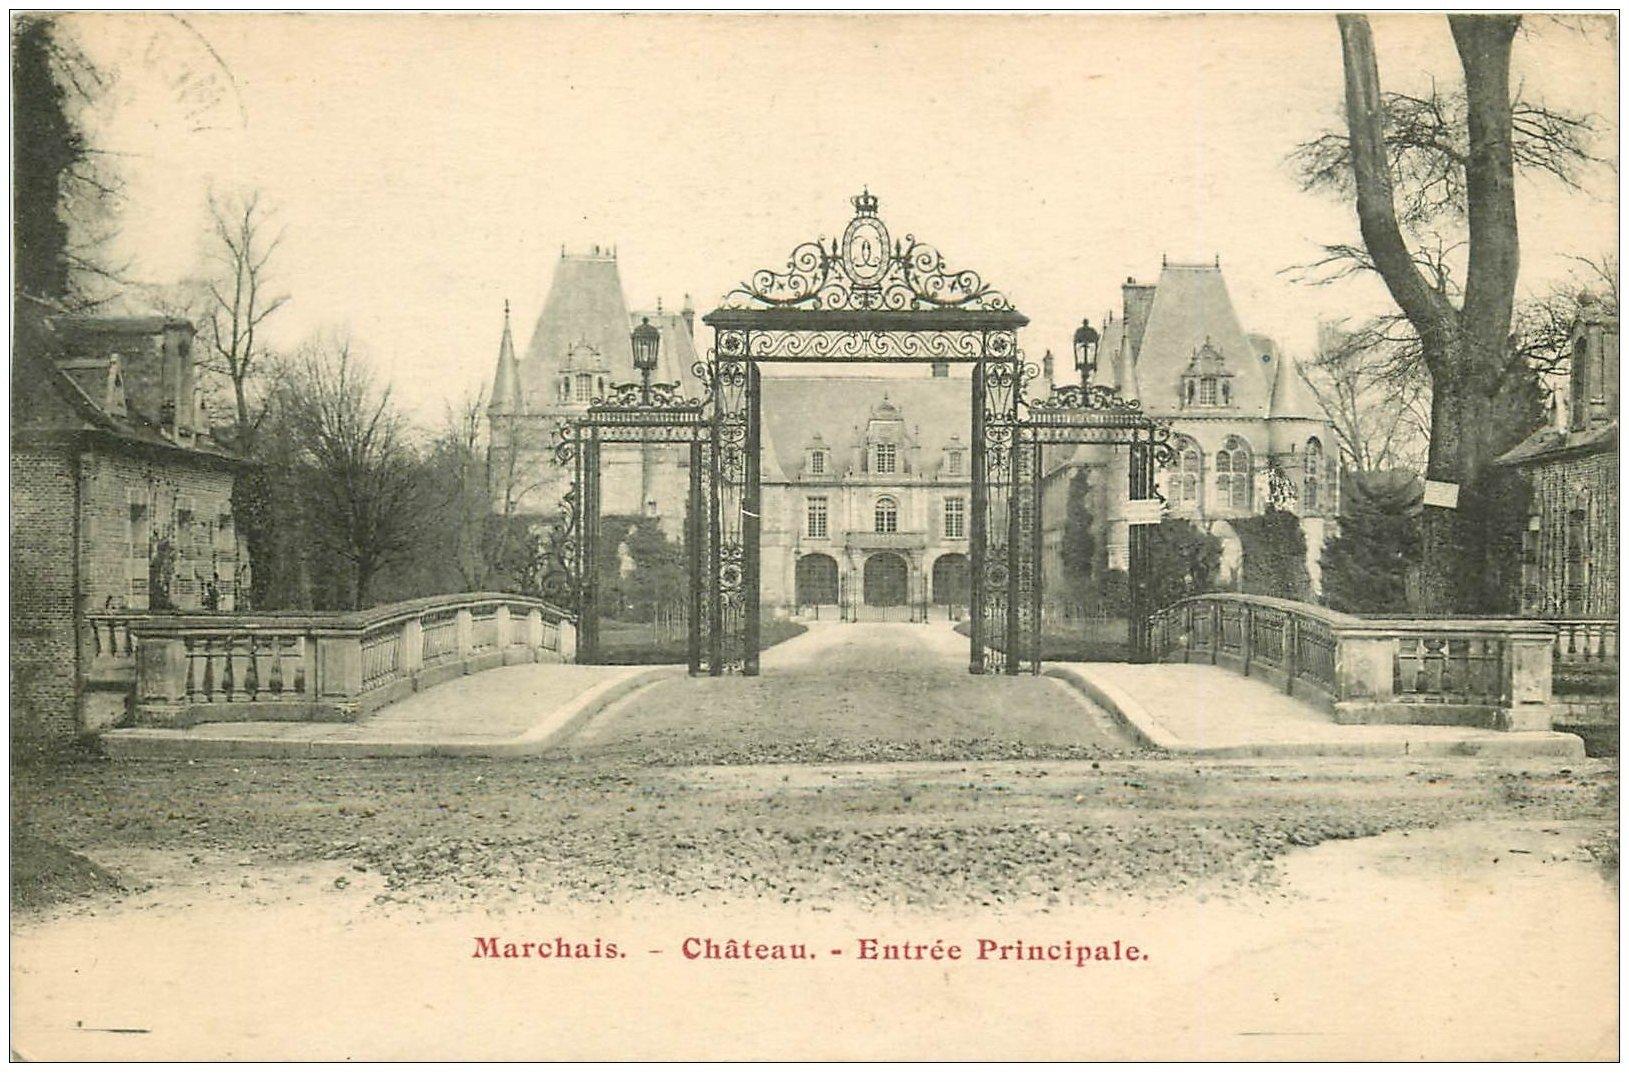 02 chateau de marchais entr e principale 1931 for Marchais 02